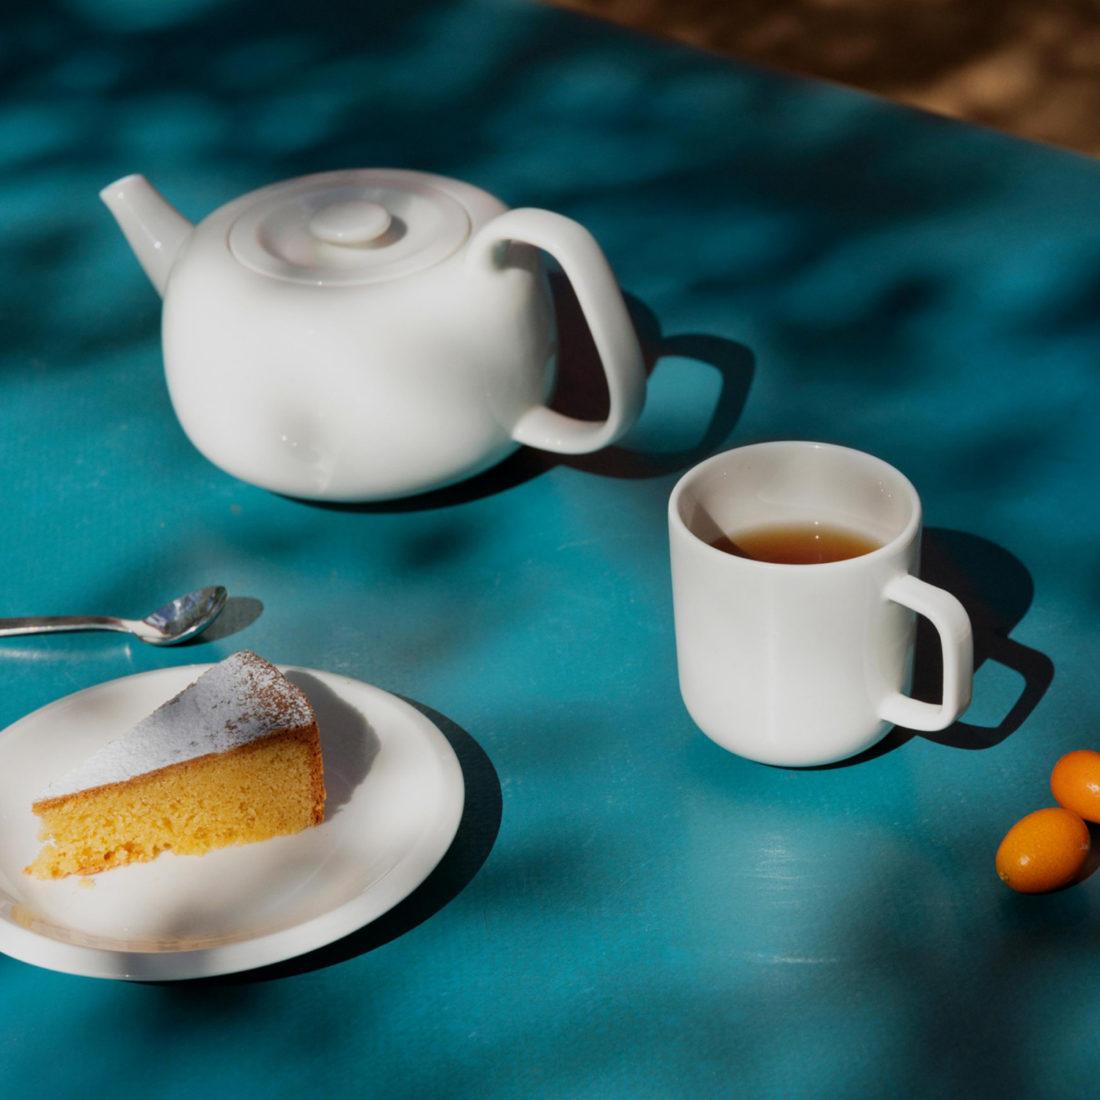 RAAMI Teapot